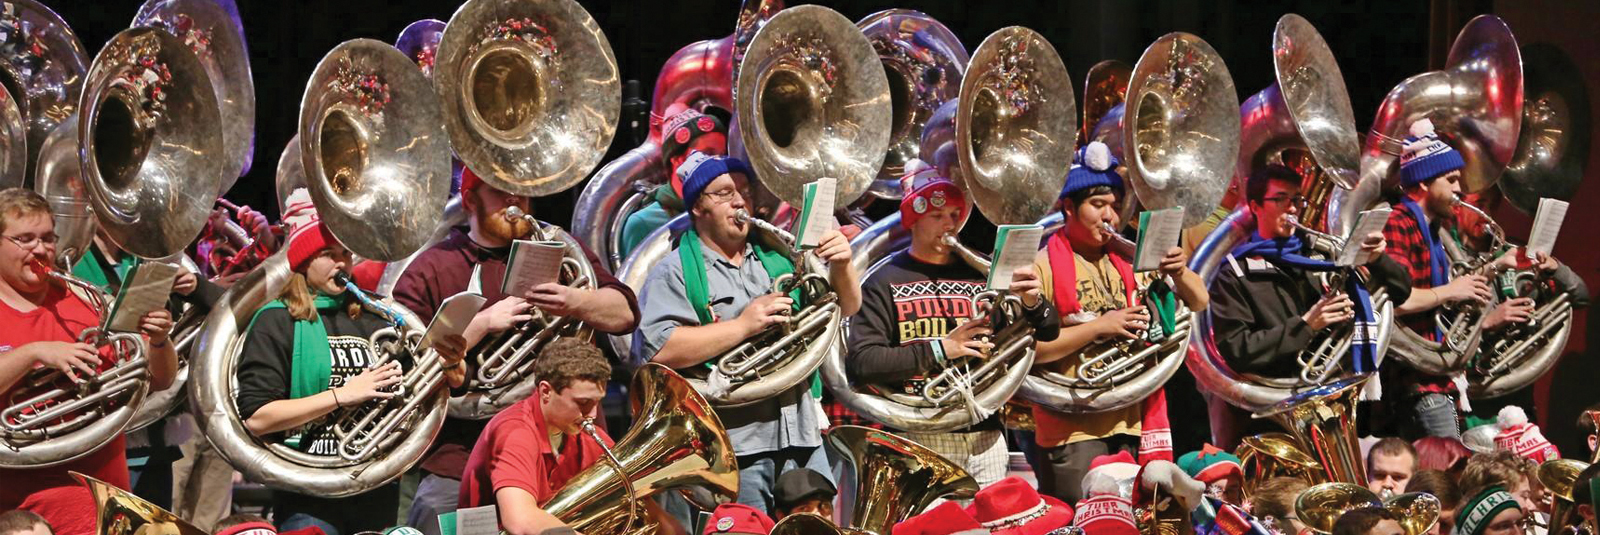 Tuba Christmas.Waynesburg University Tuba Christmas